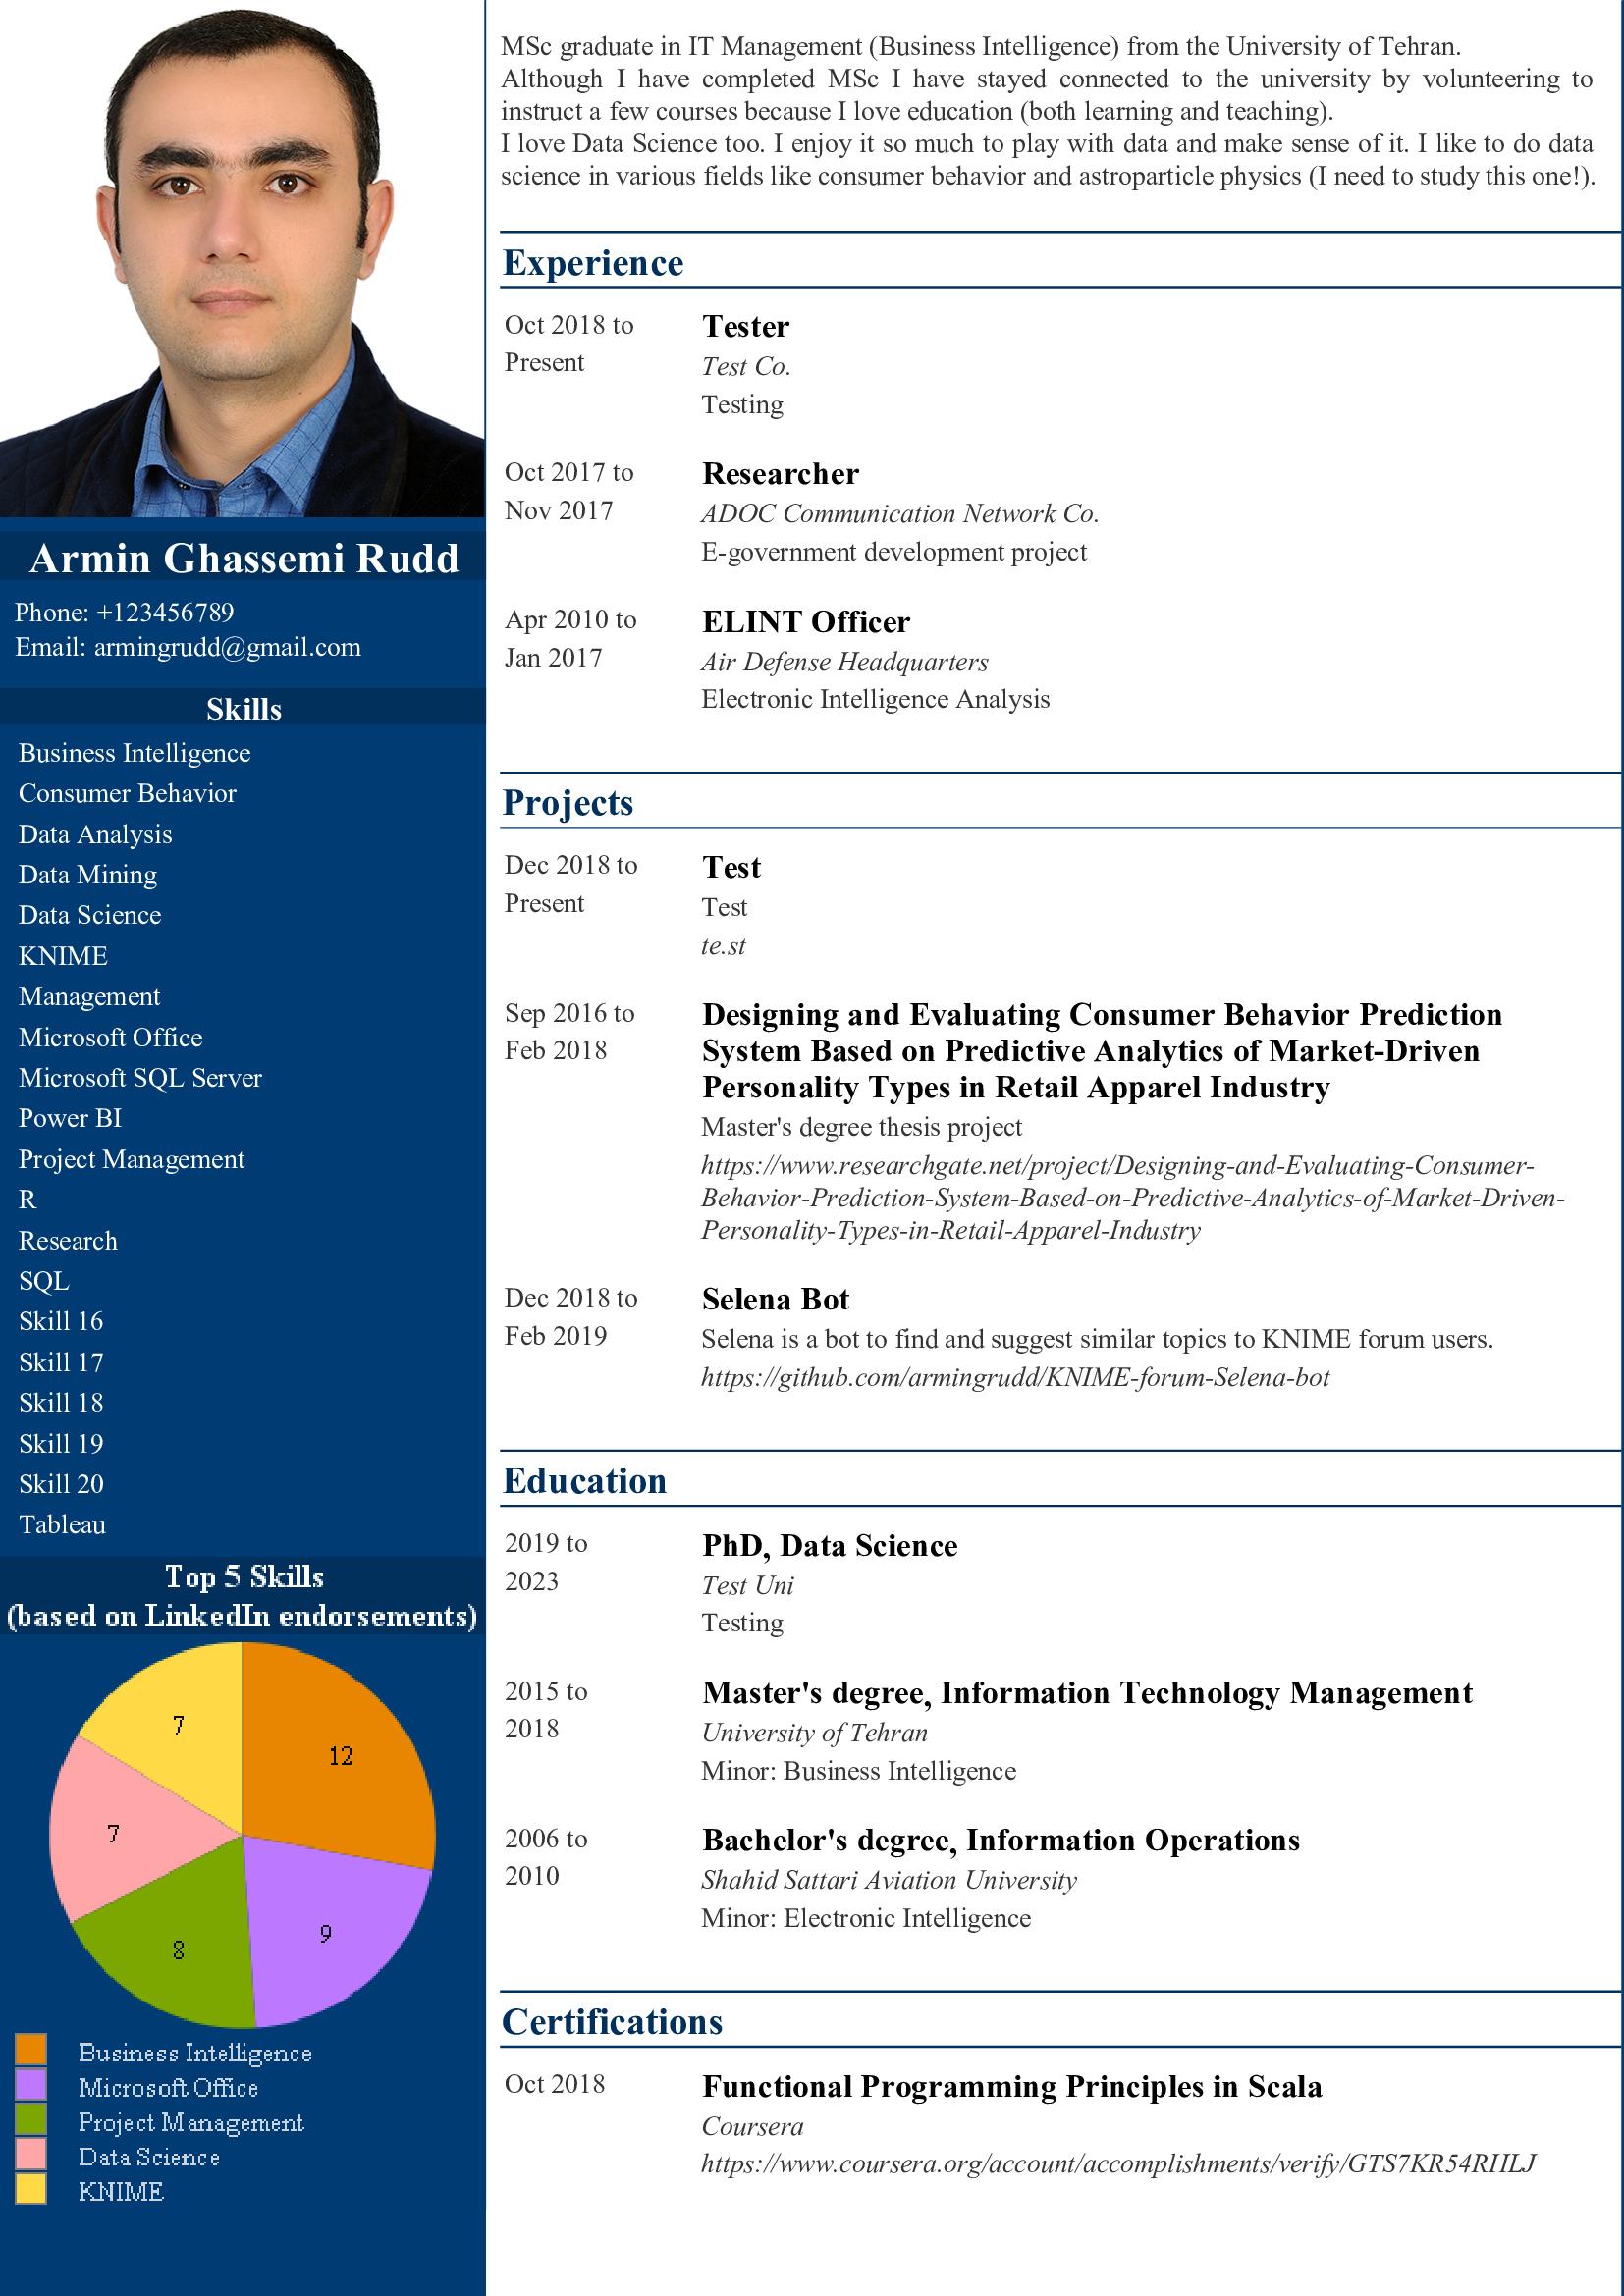 CV builder based on LinkedIn profile - KNIME Analytics Platform